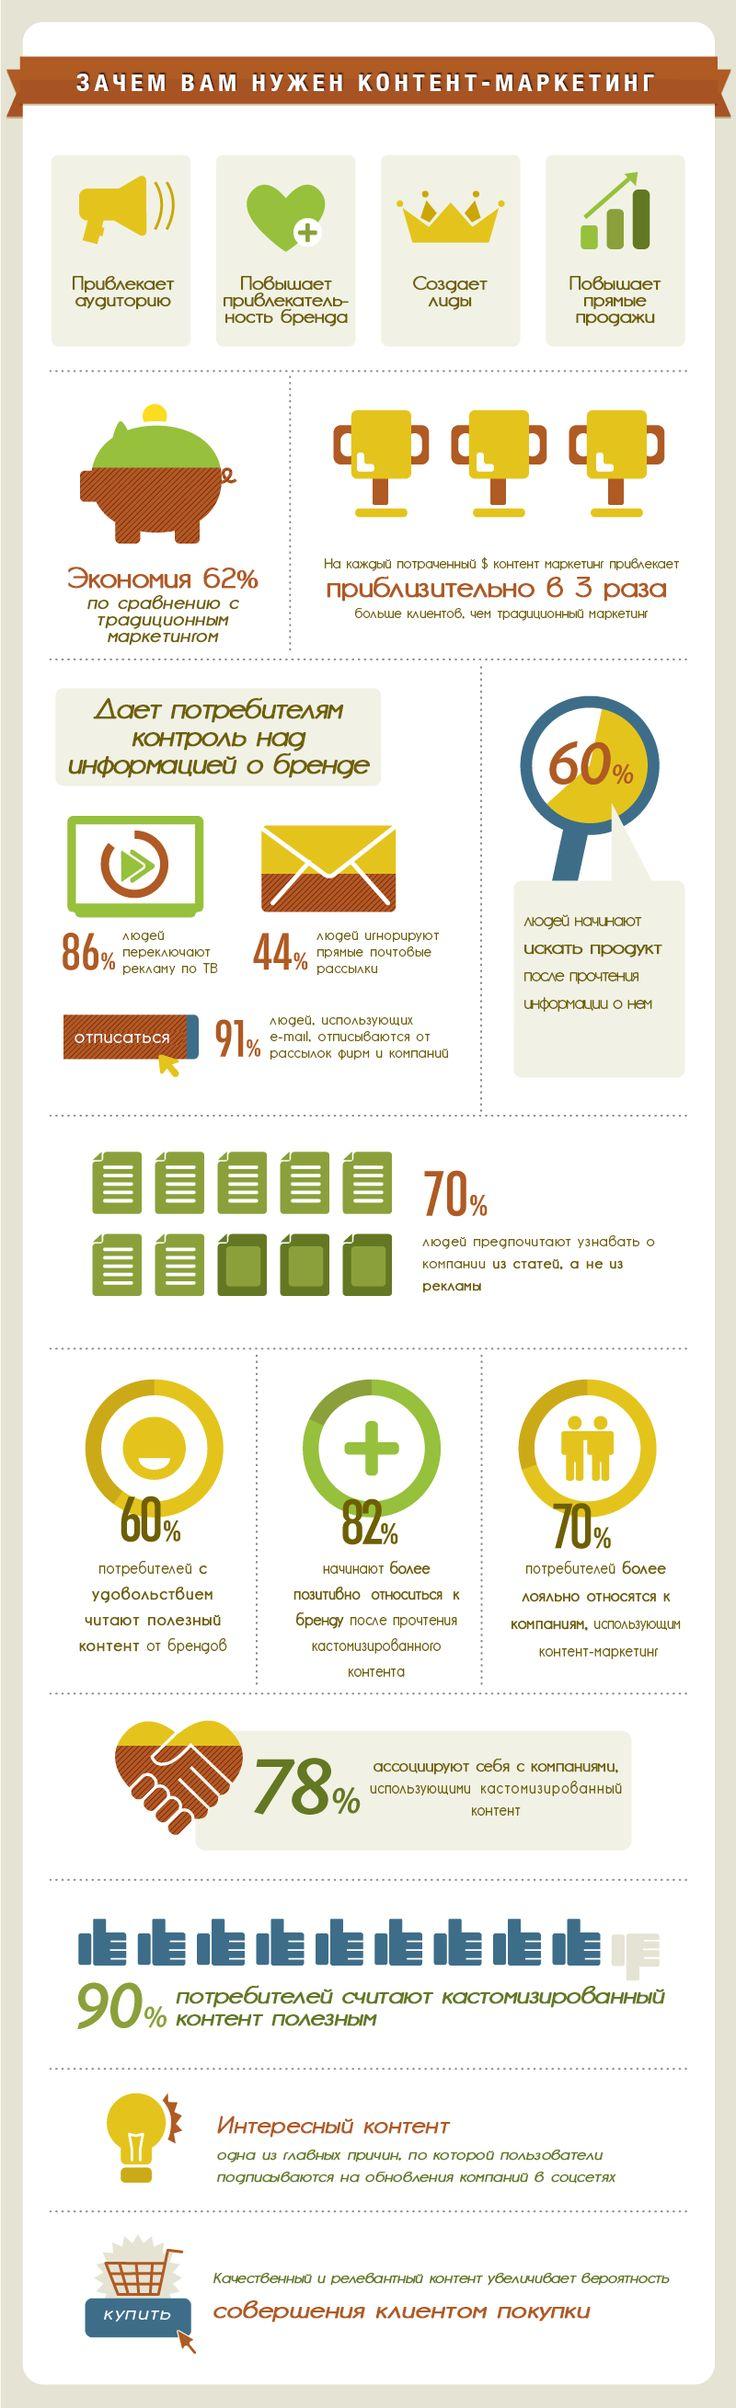 Инфографика: контент-маркетинг и лояльность